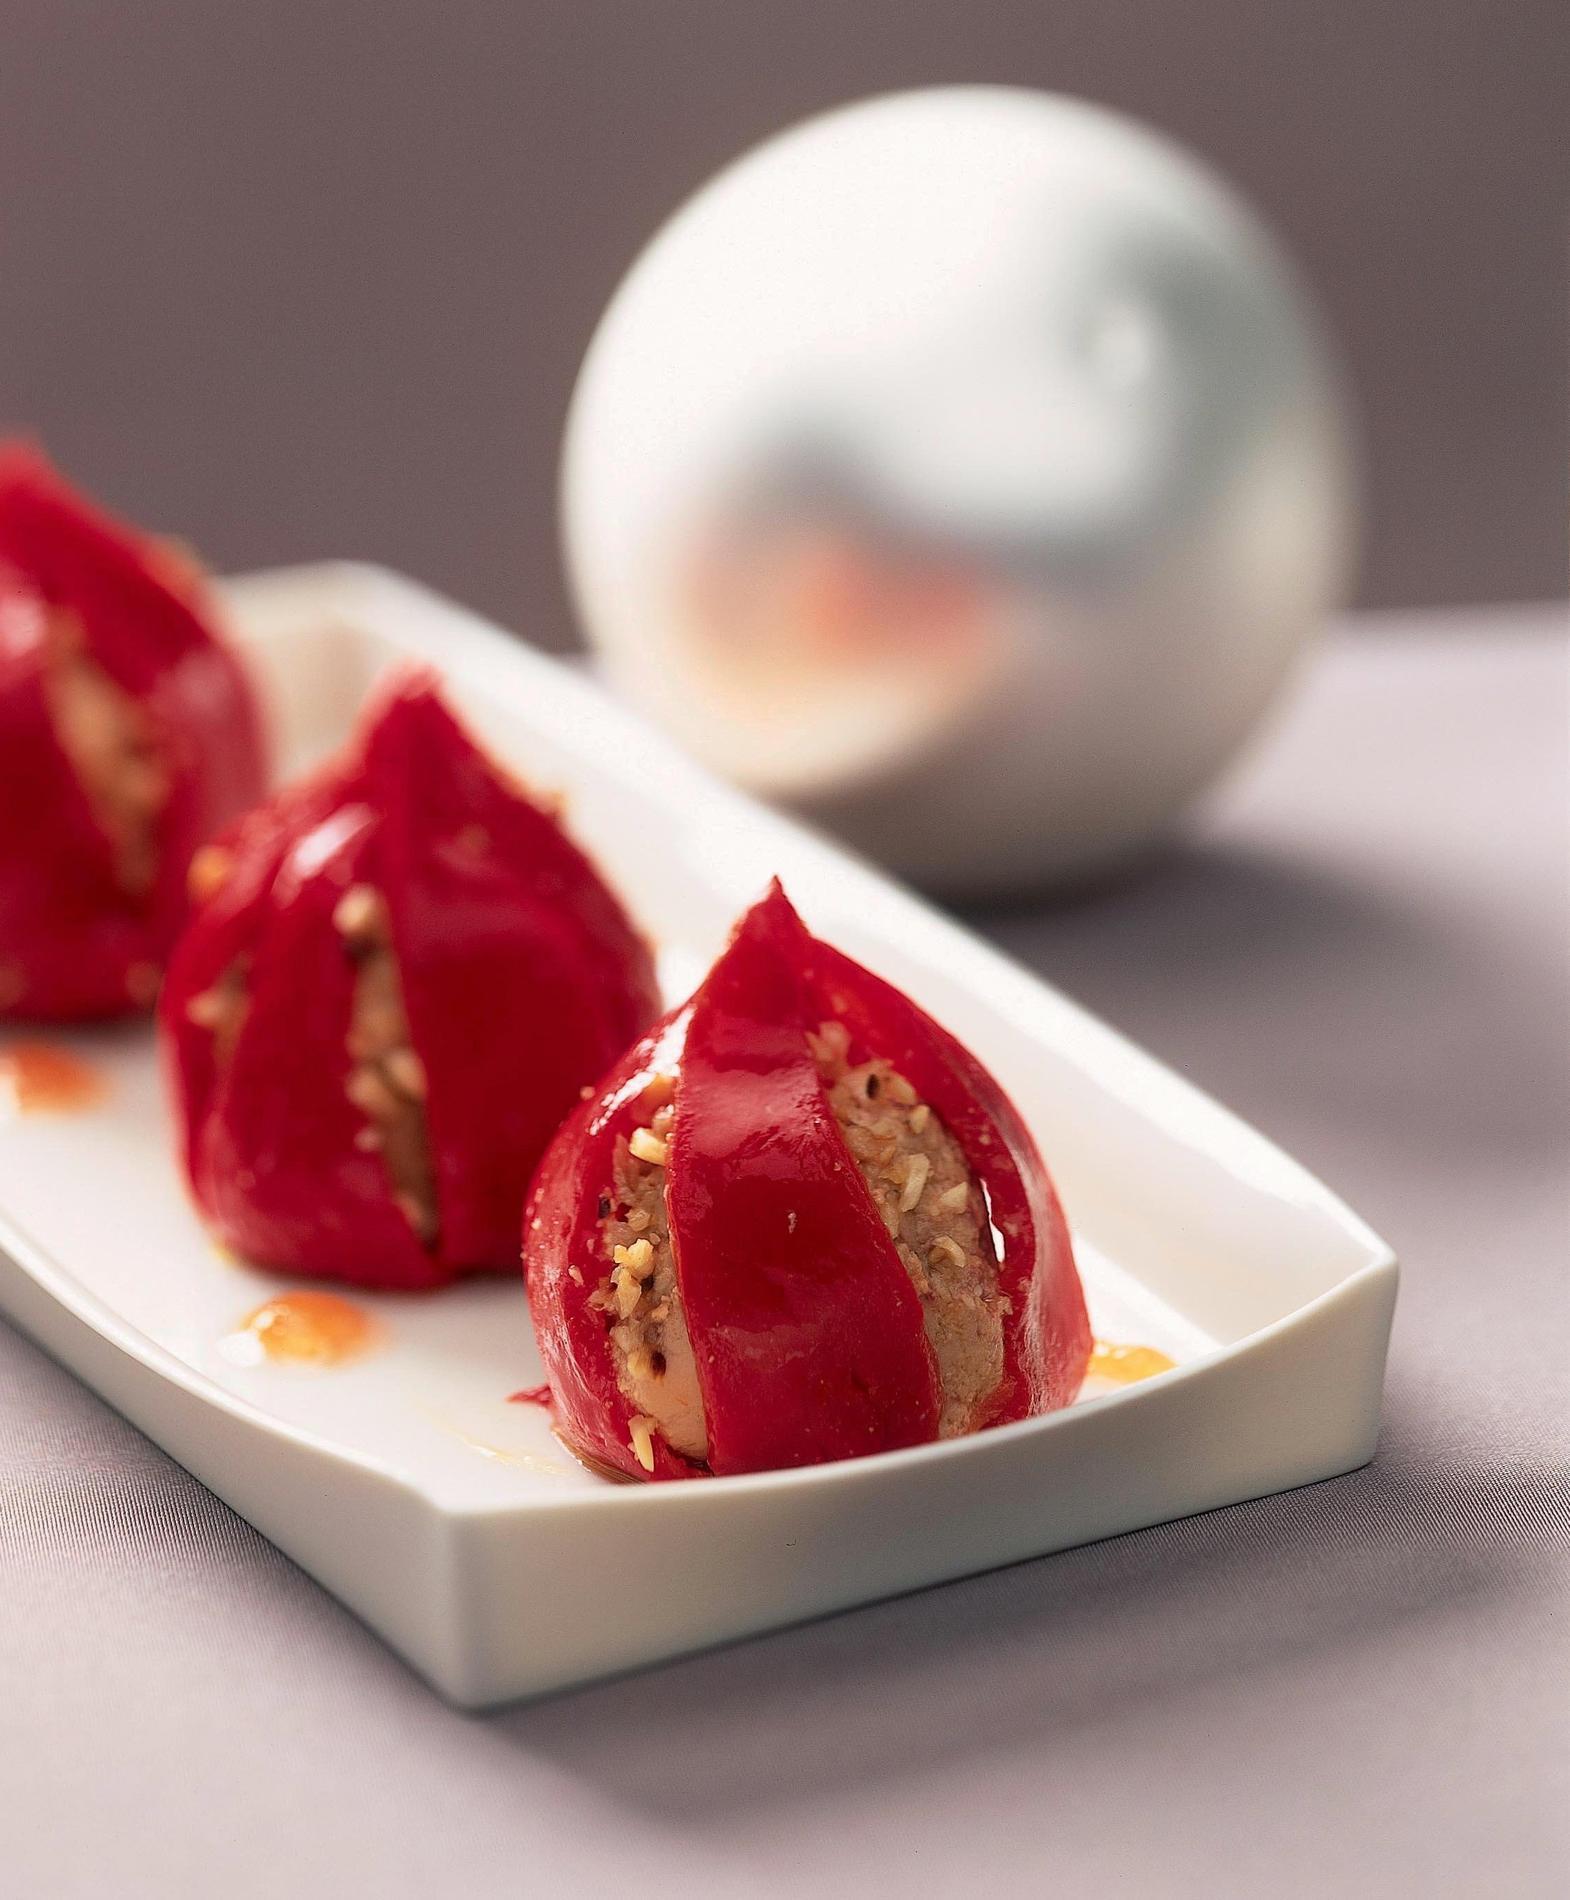 Recette foie gras en boules de no l cuisine madame figaro - Recette du foie gras ...